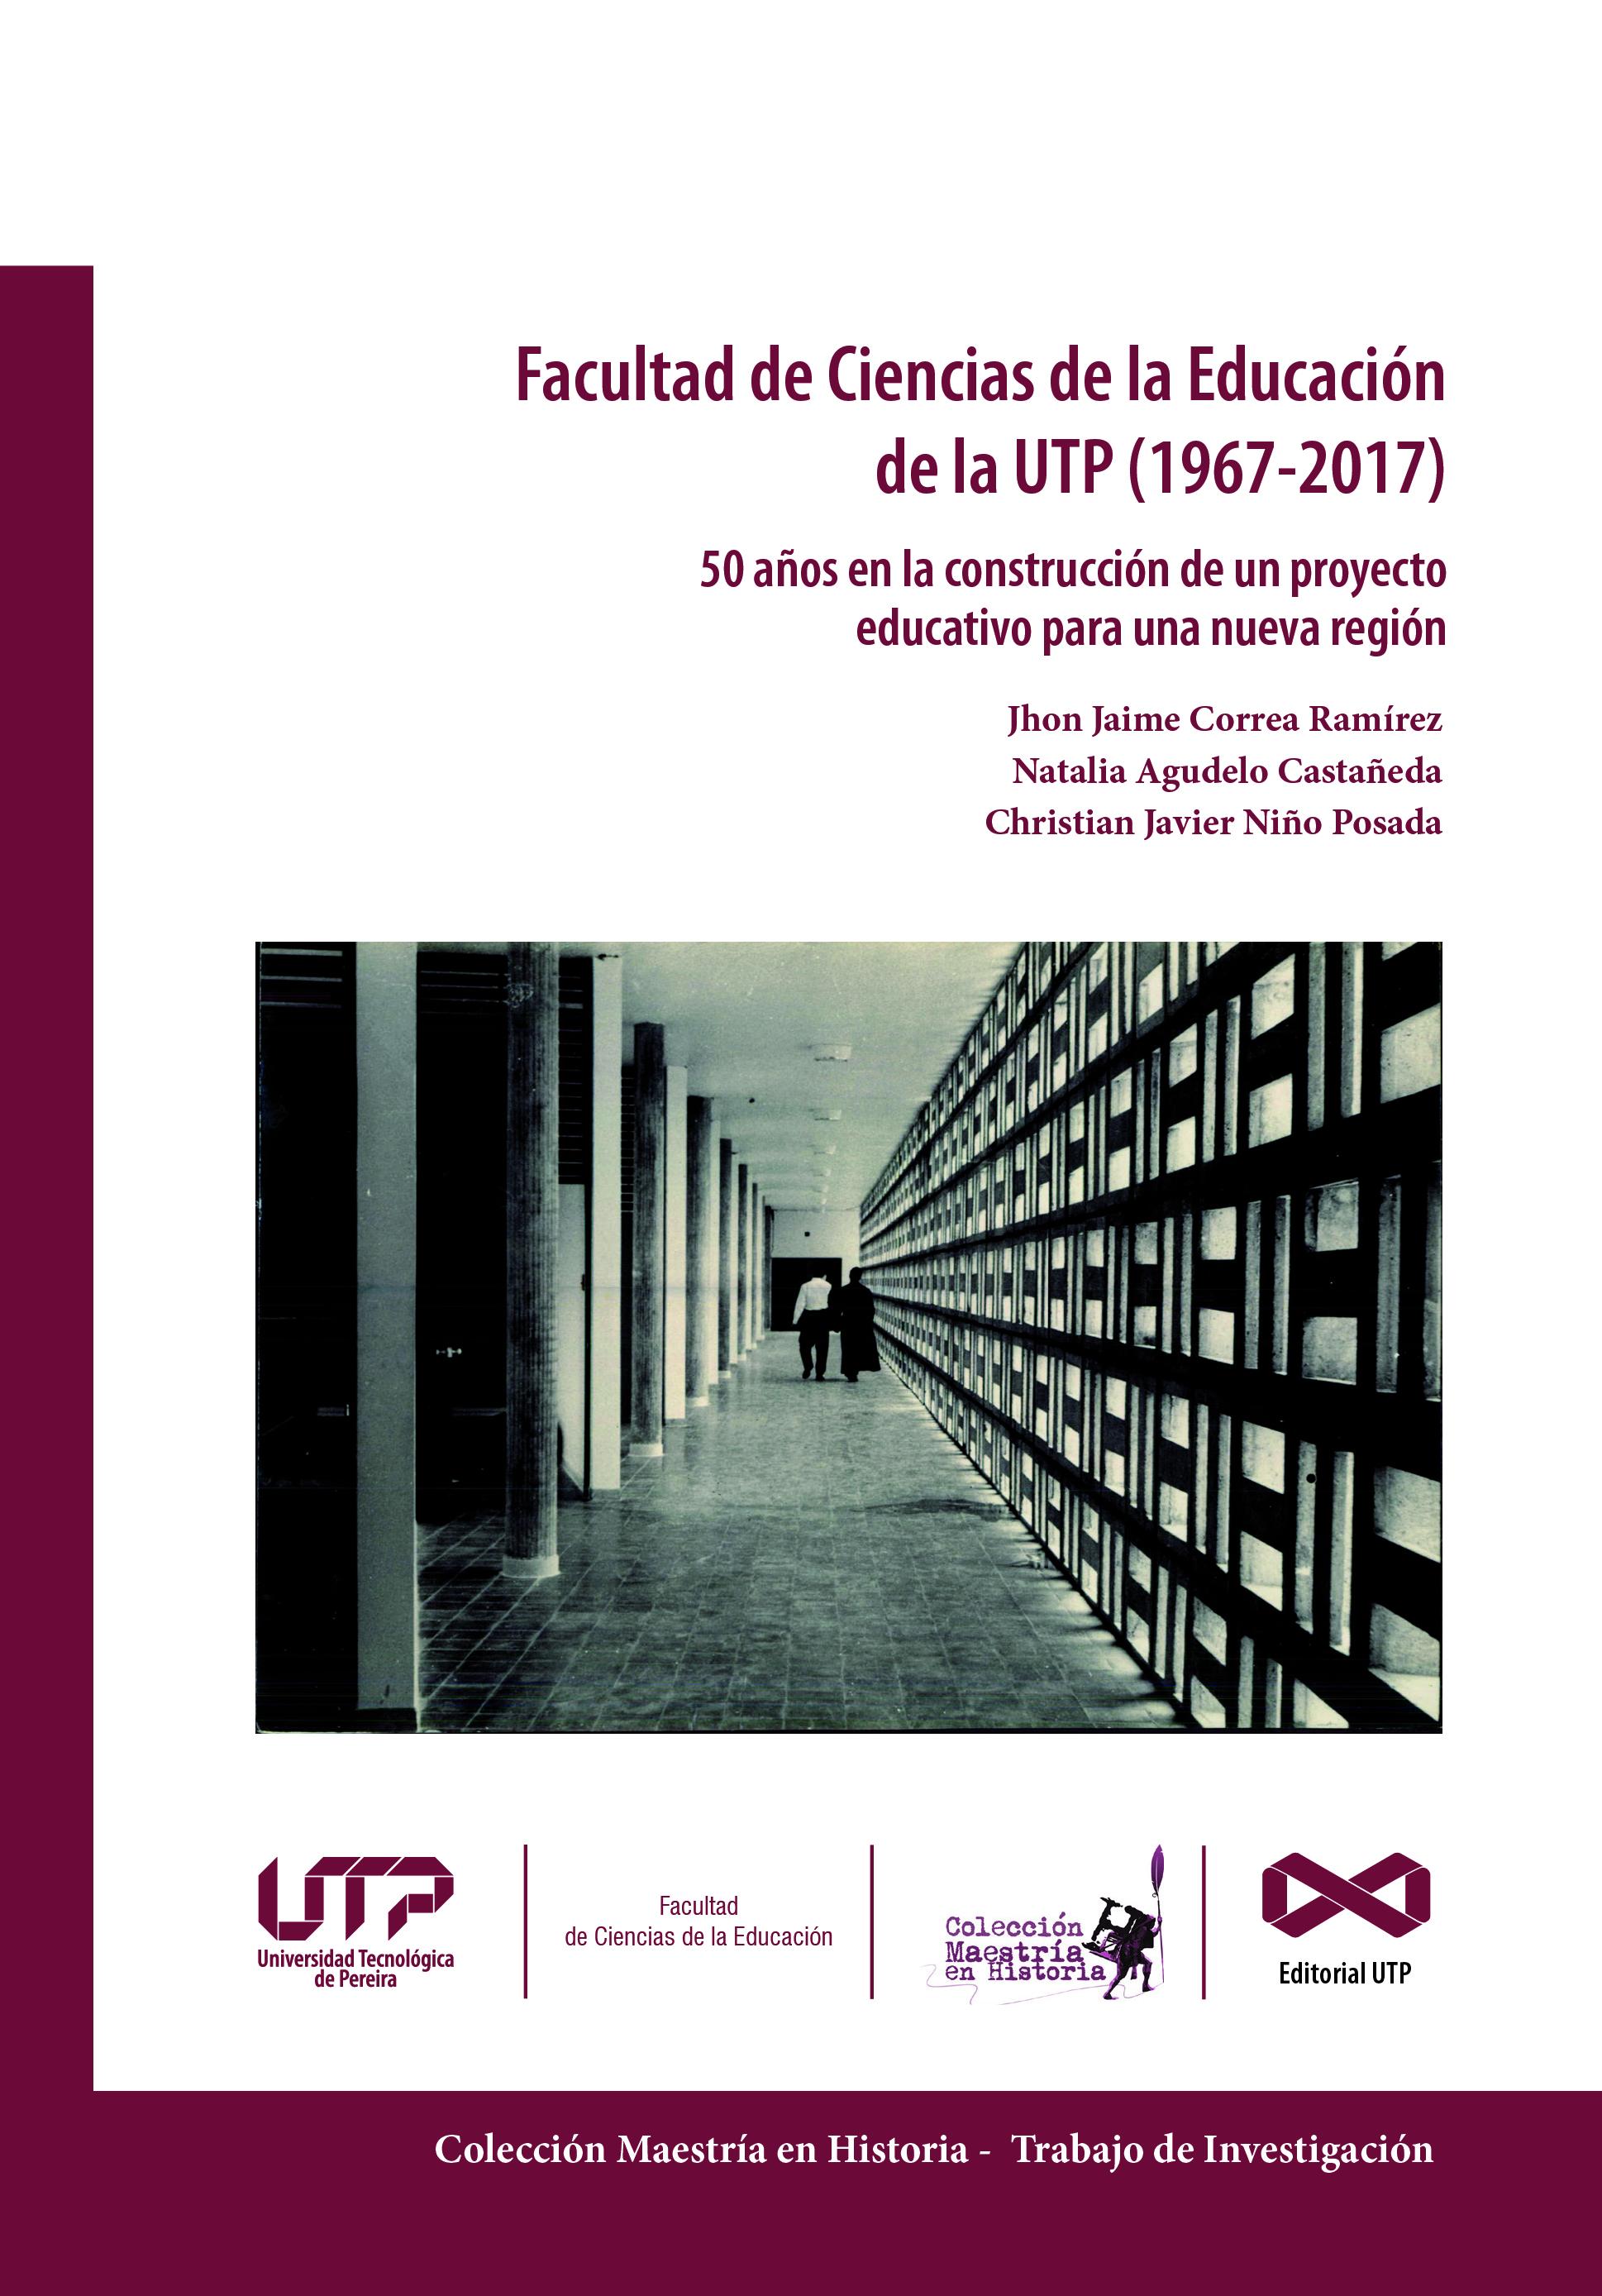 Facultad de Ciencias de la Educación de la UTP (1967-2017) : 50 años en la construcción de un proyecto educativo para una nueva región